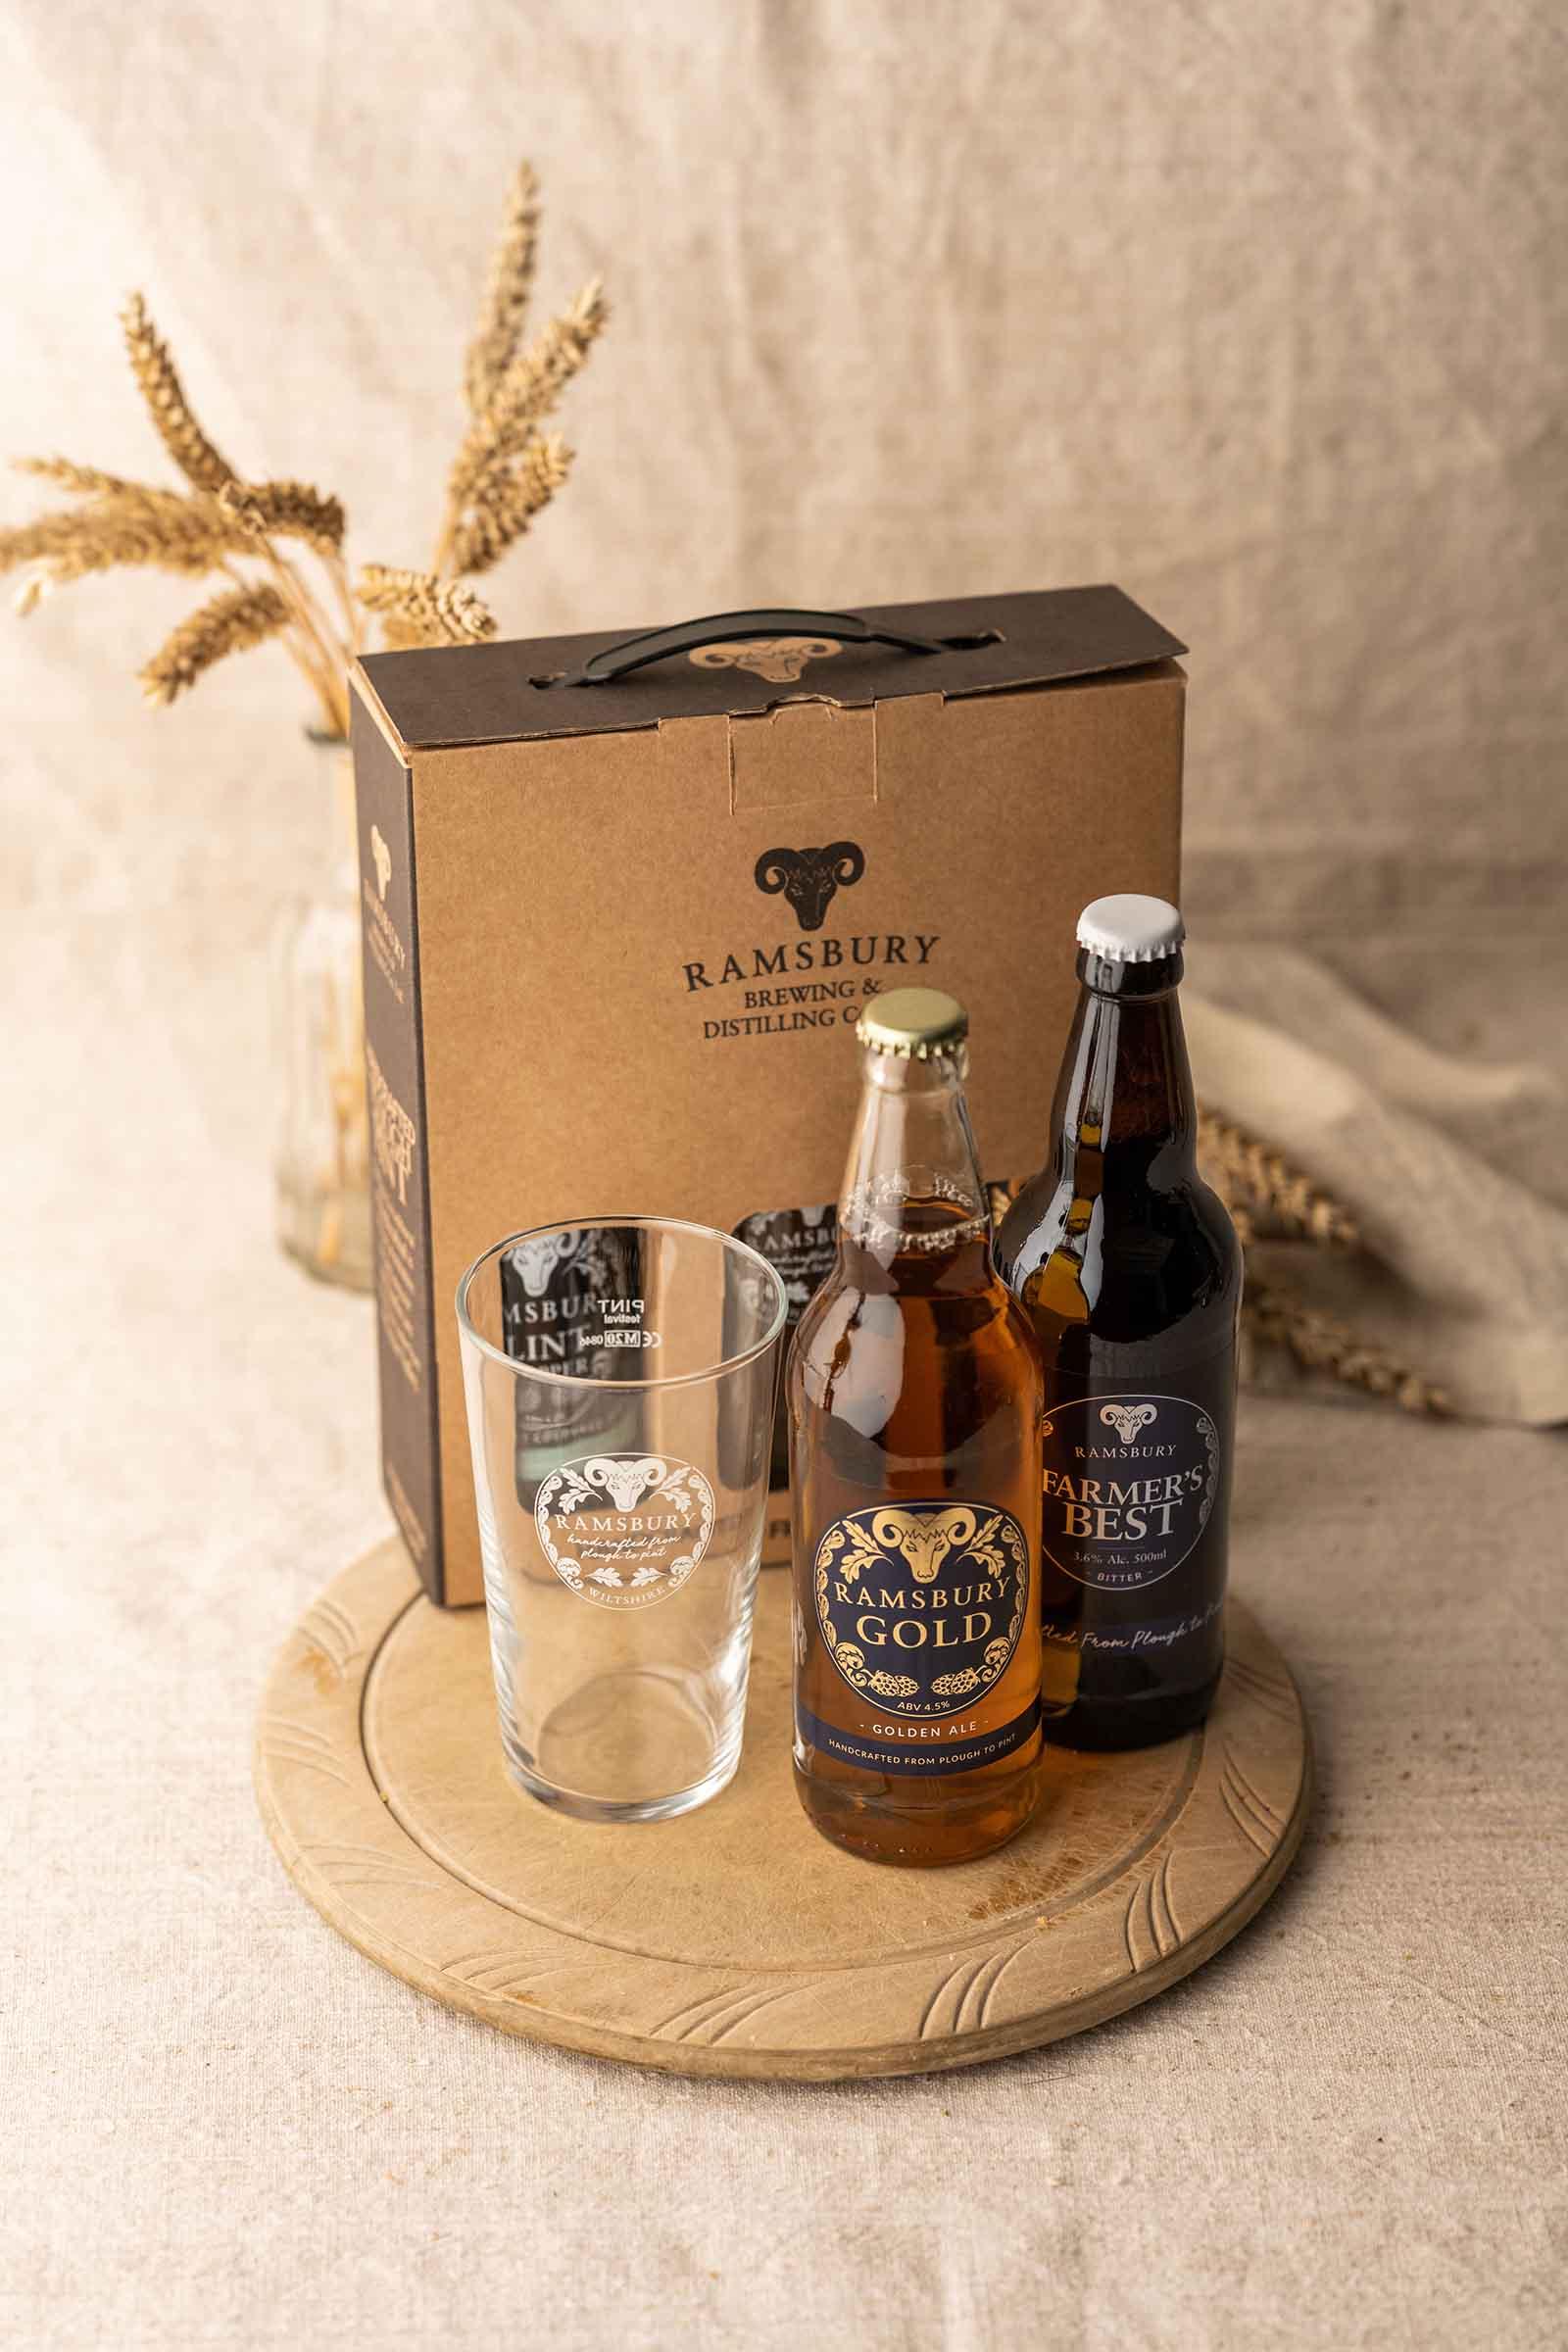 2 Bottle Beer & Glass Gift Set